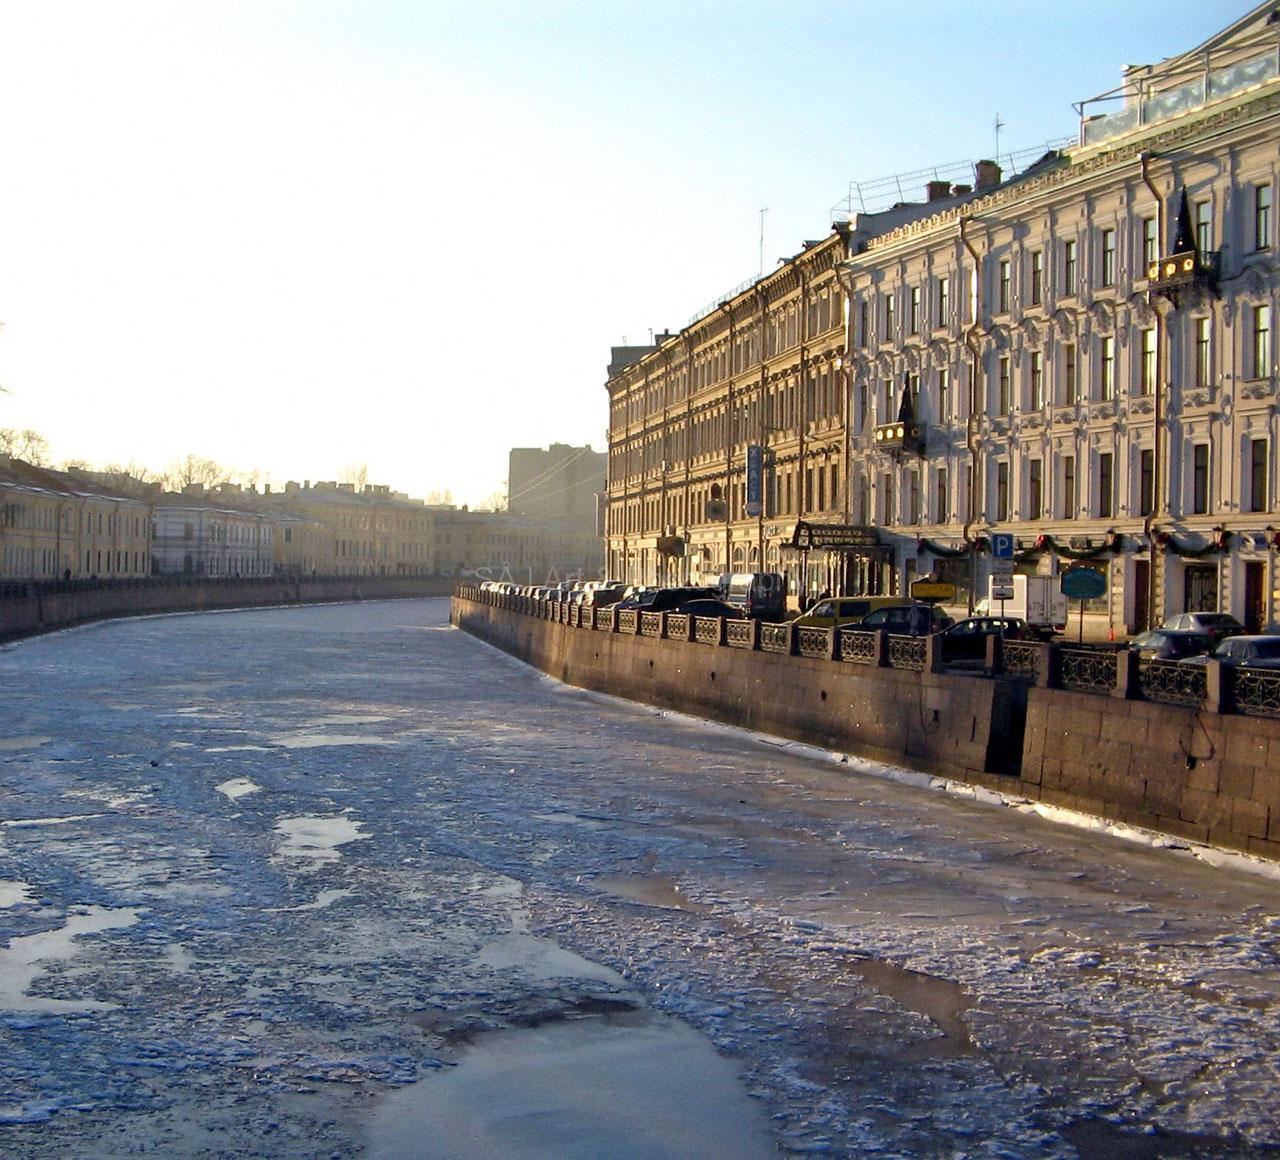 St-Petersberg-Russia